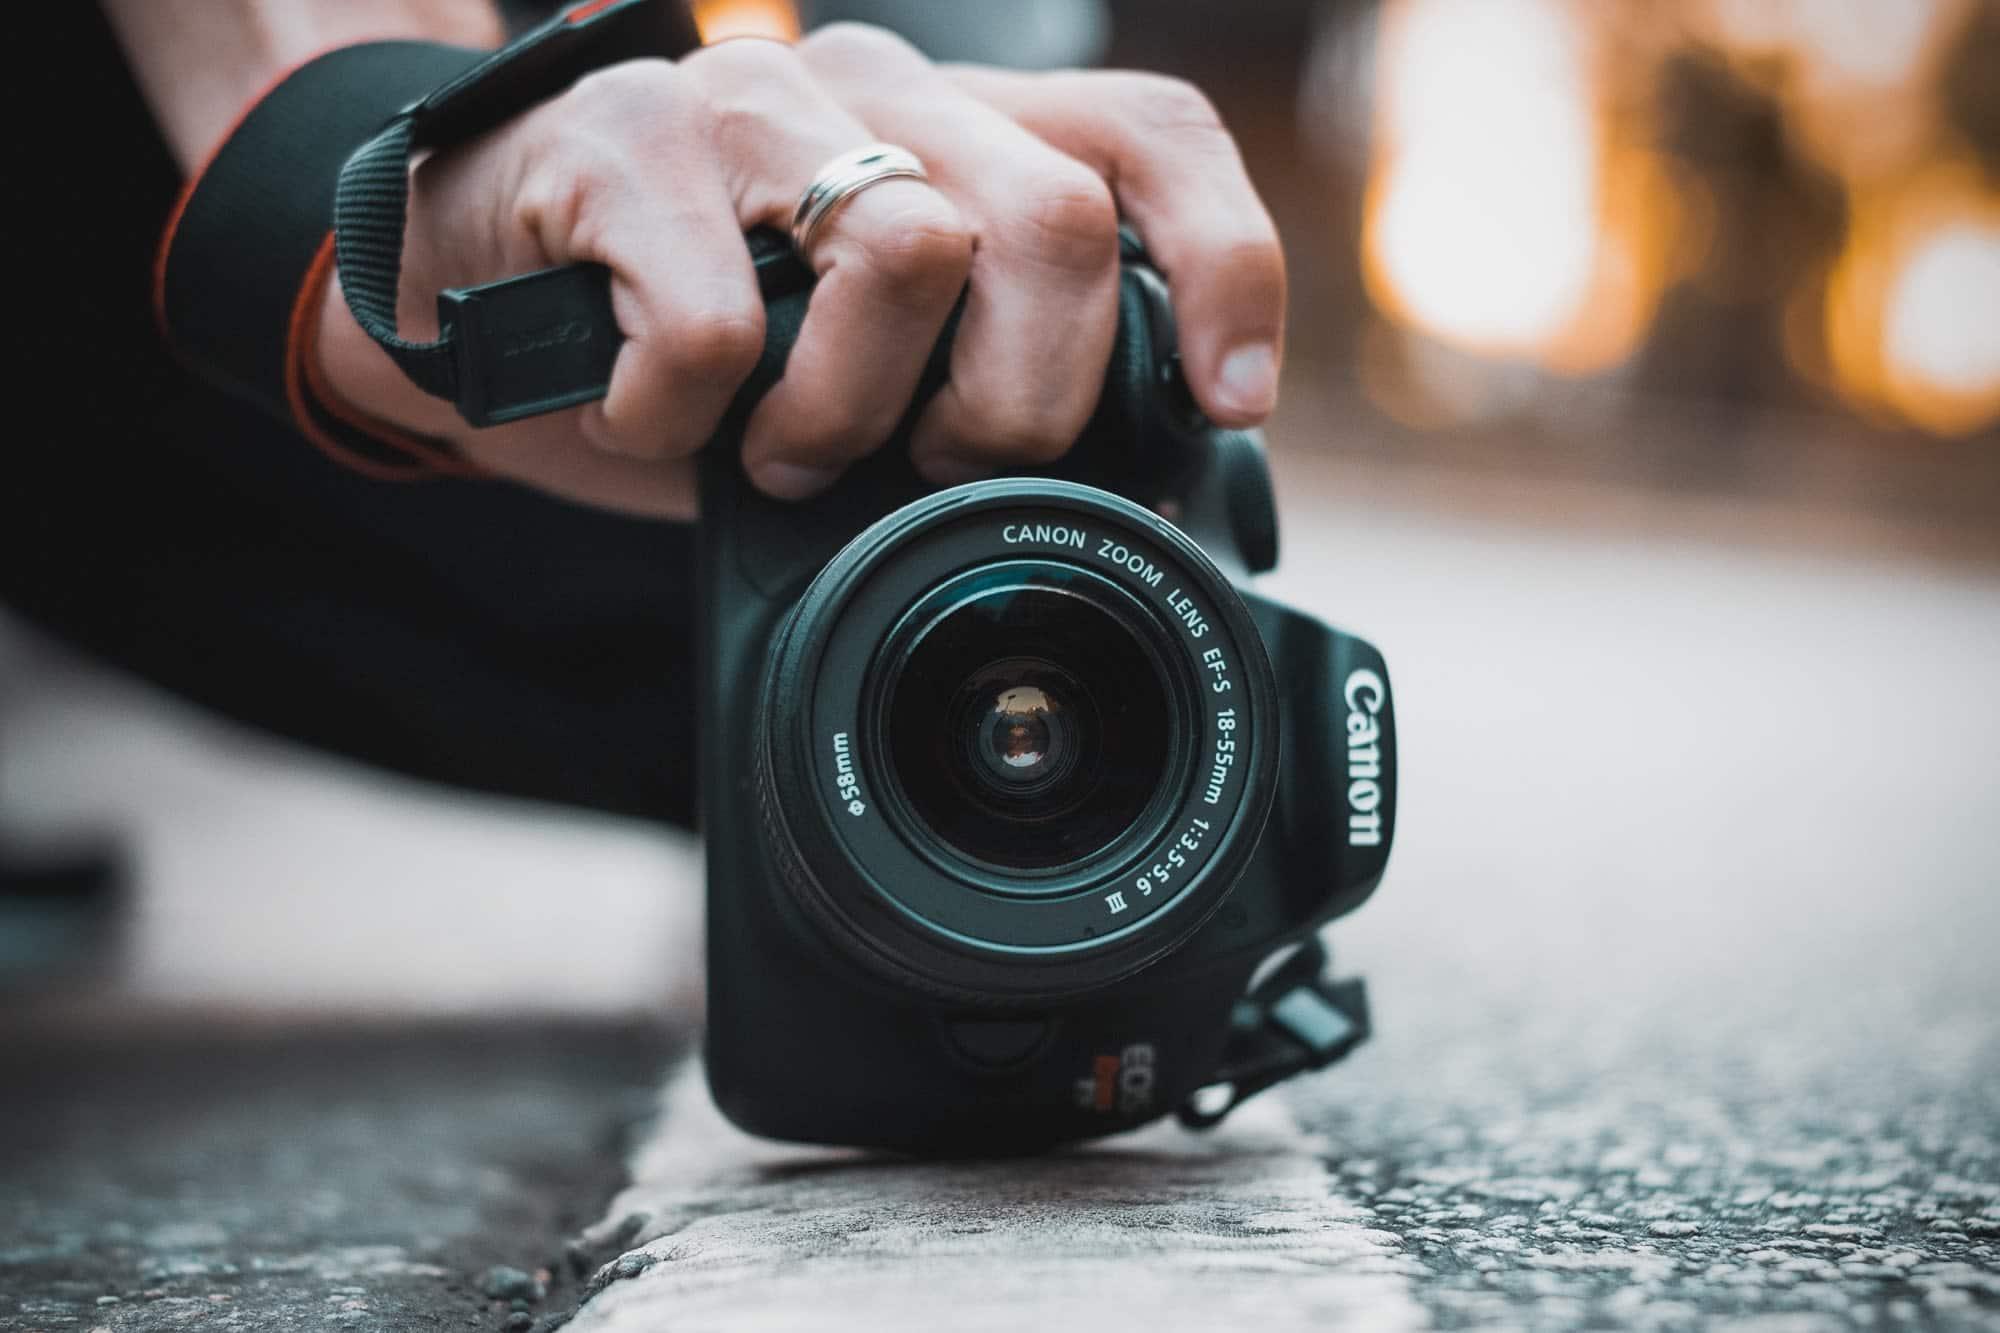 Daftar Harga Kamera Dslr Canon Dibawah 3 Juta Cocok Untuk Pemula Techin Id